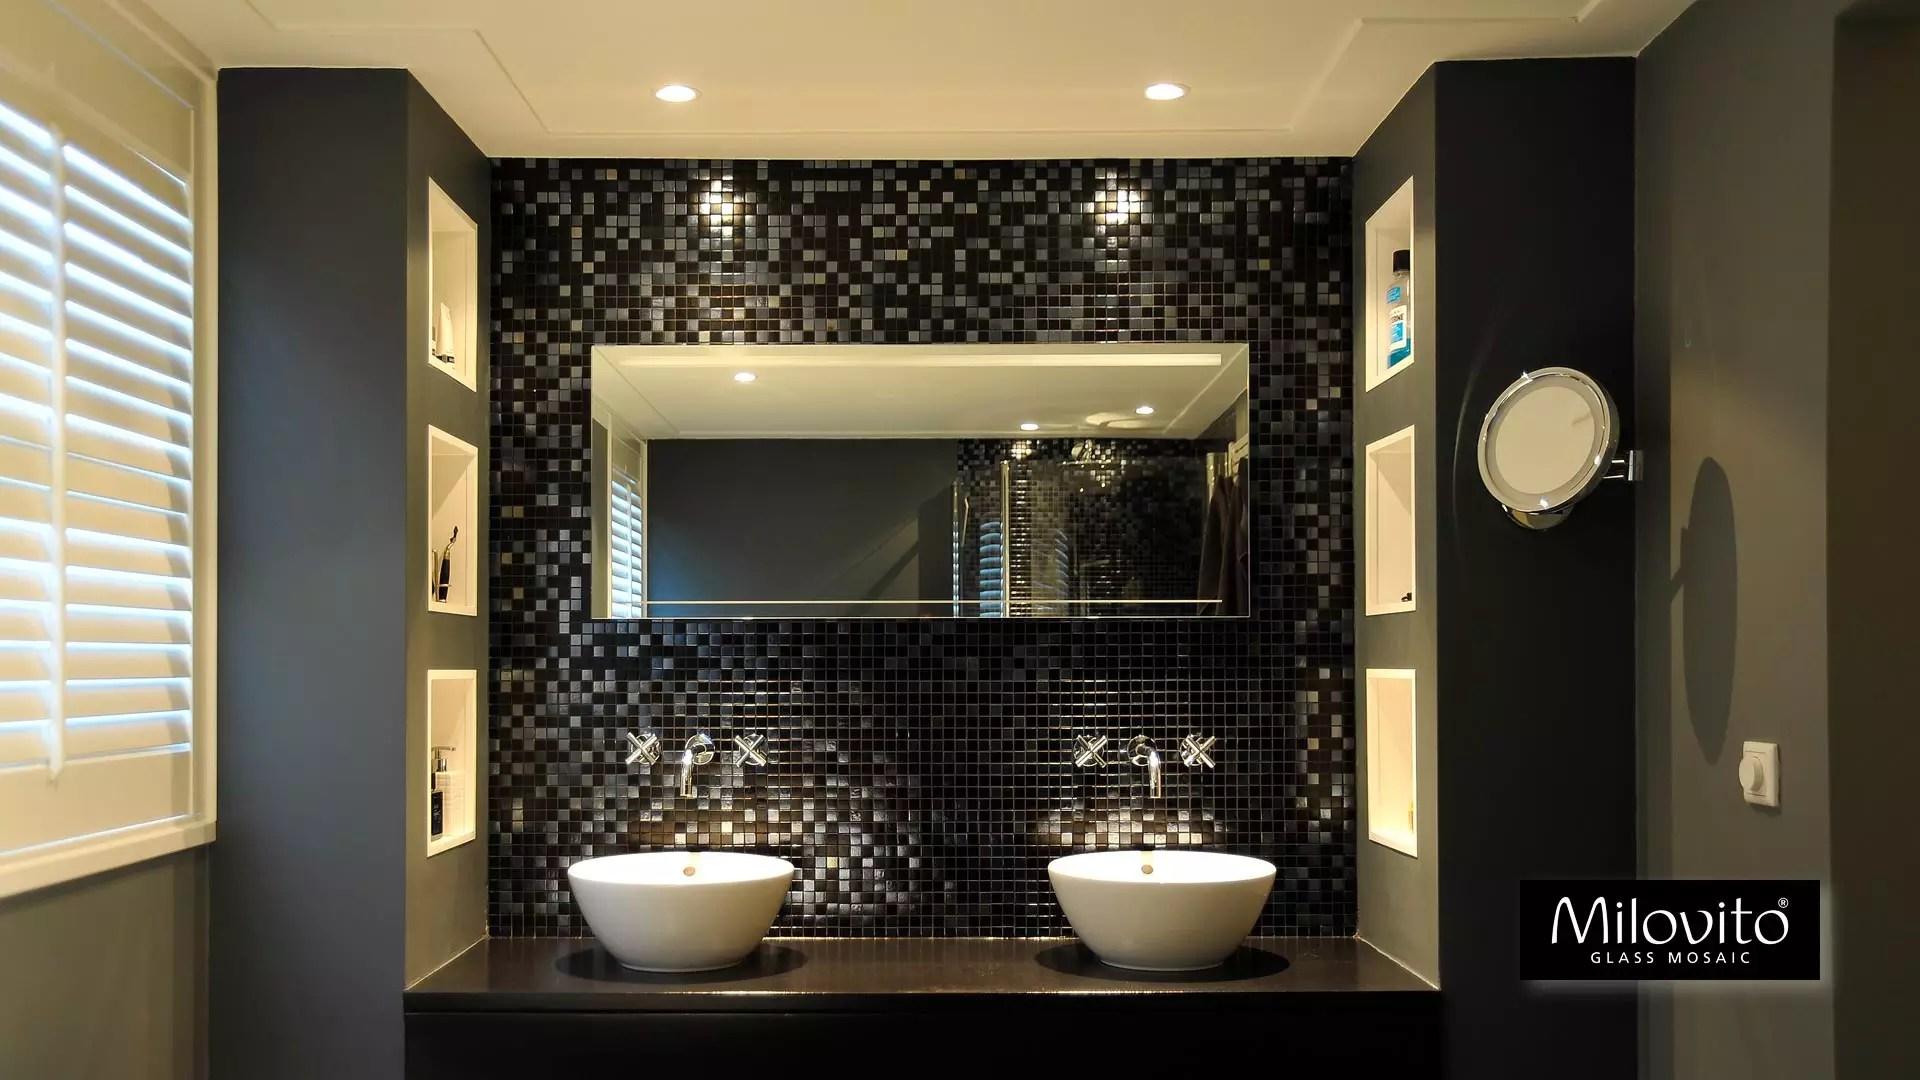 Mozaïek badkamer - exclusief glasmozaïek voor natte ruimtes - Milovito